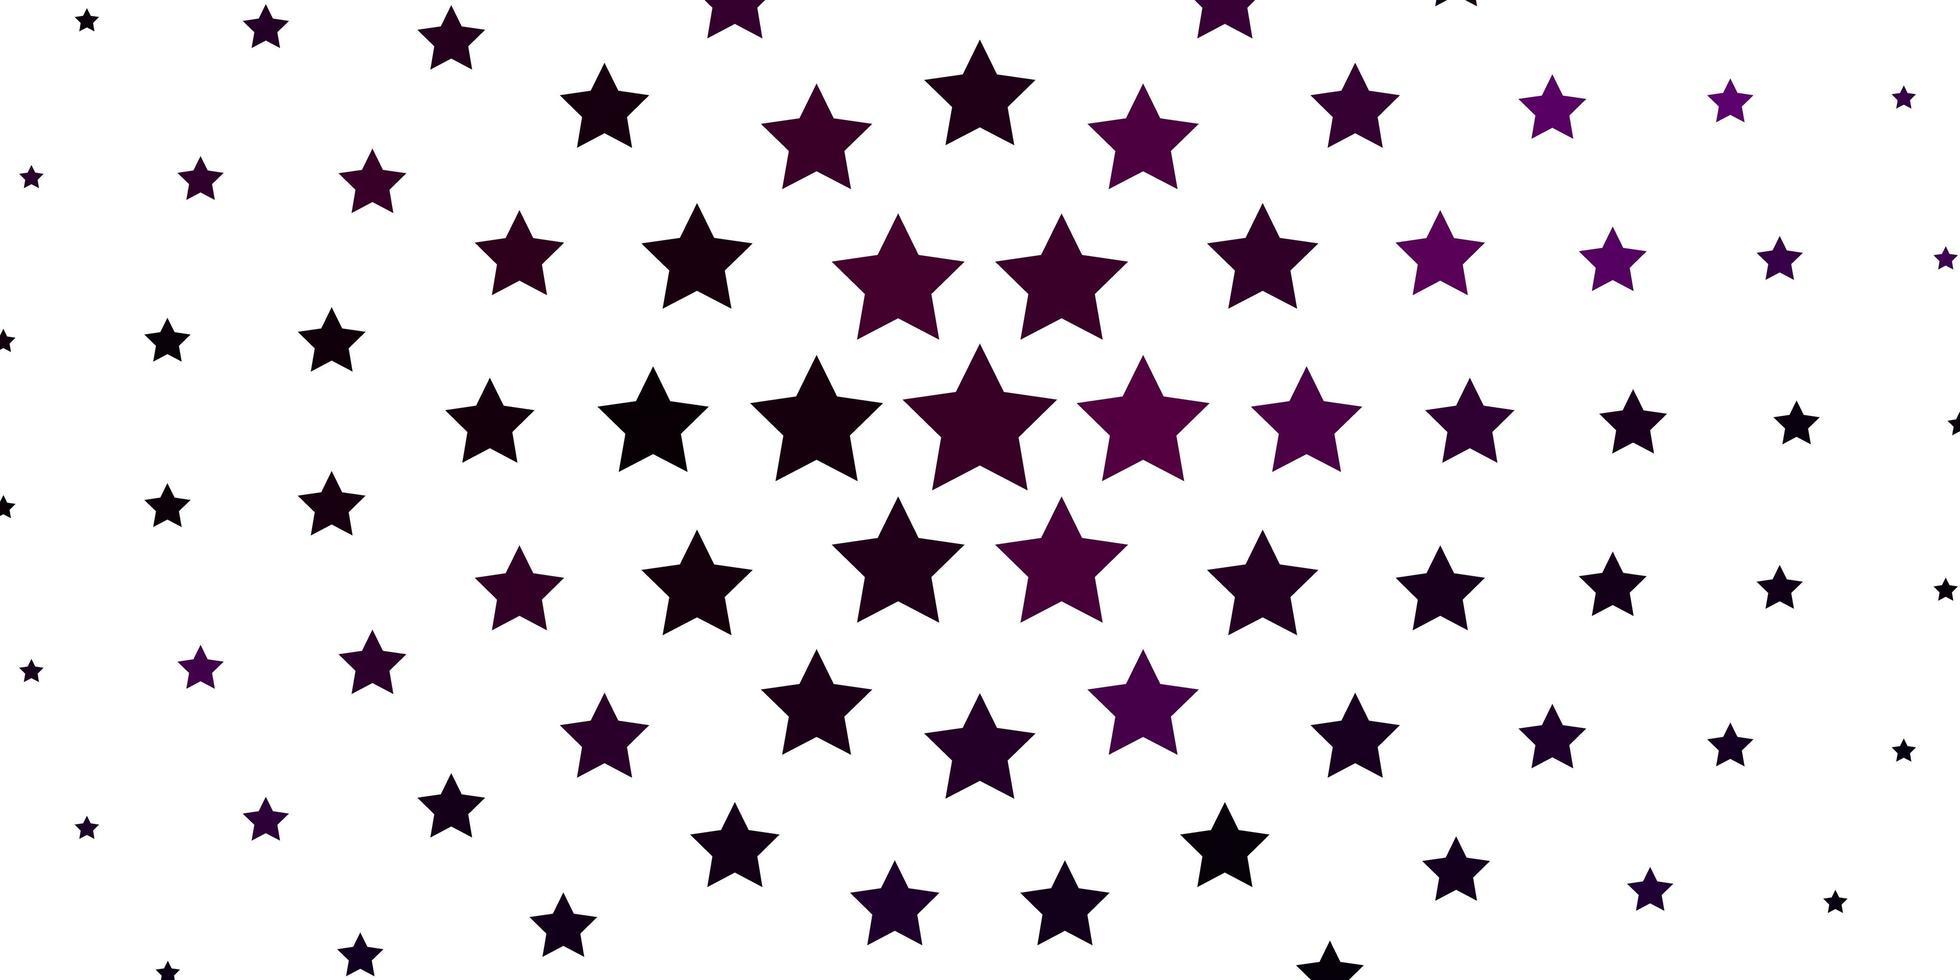 donker patroon met abstracte sterren. vector